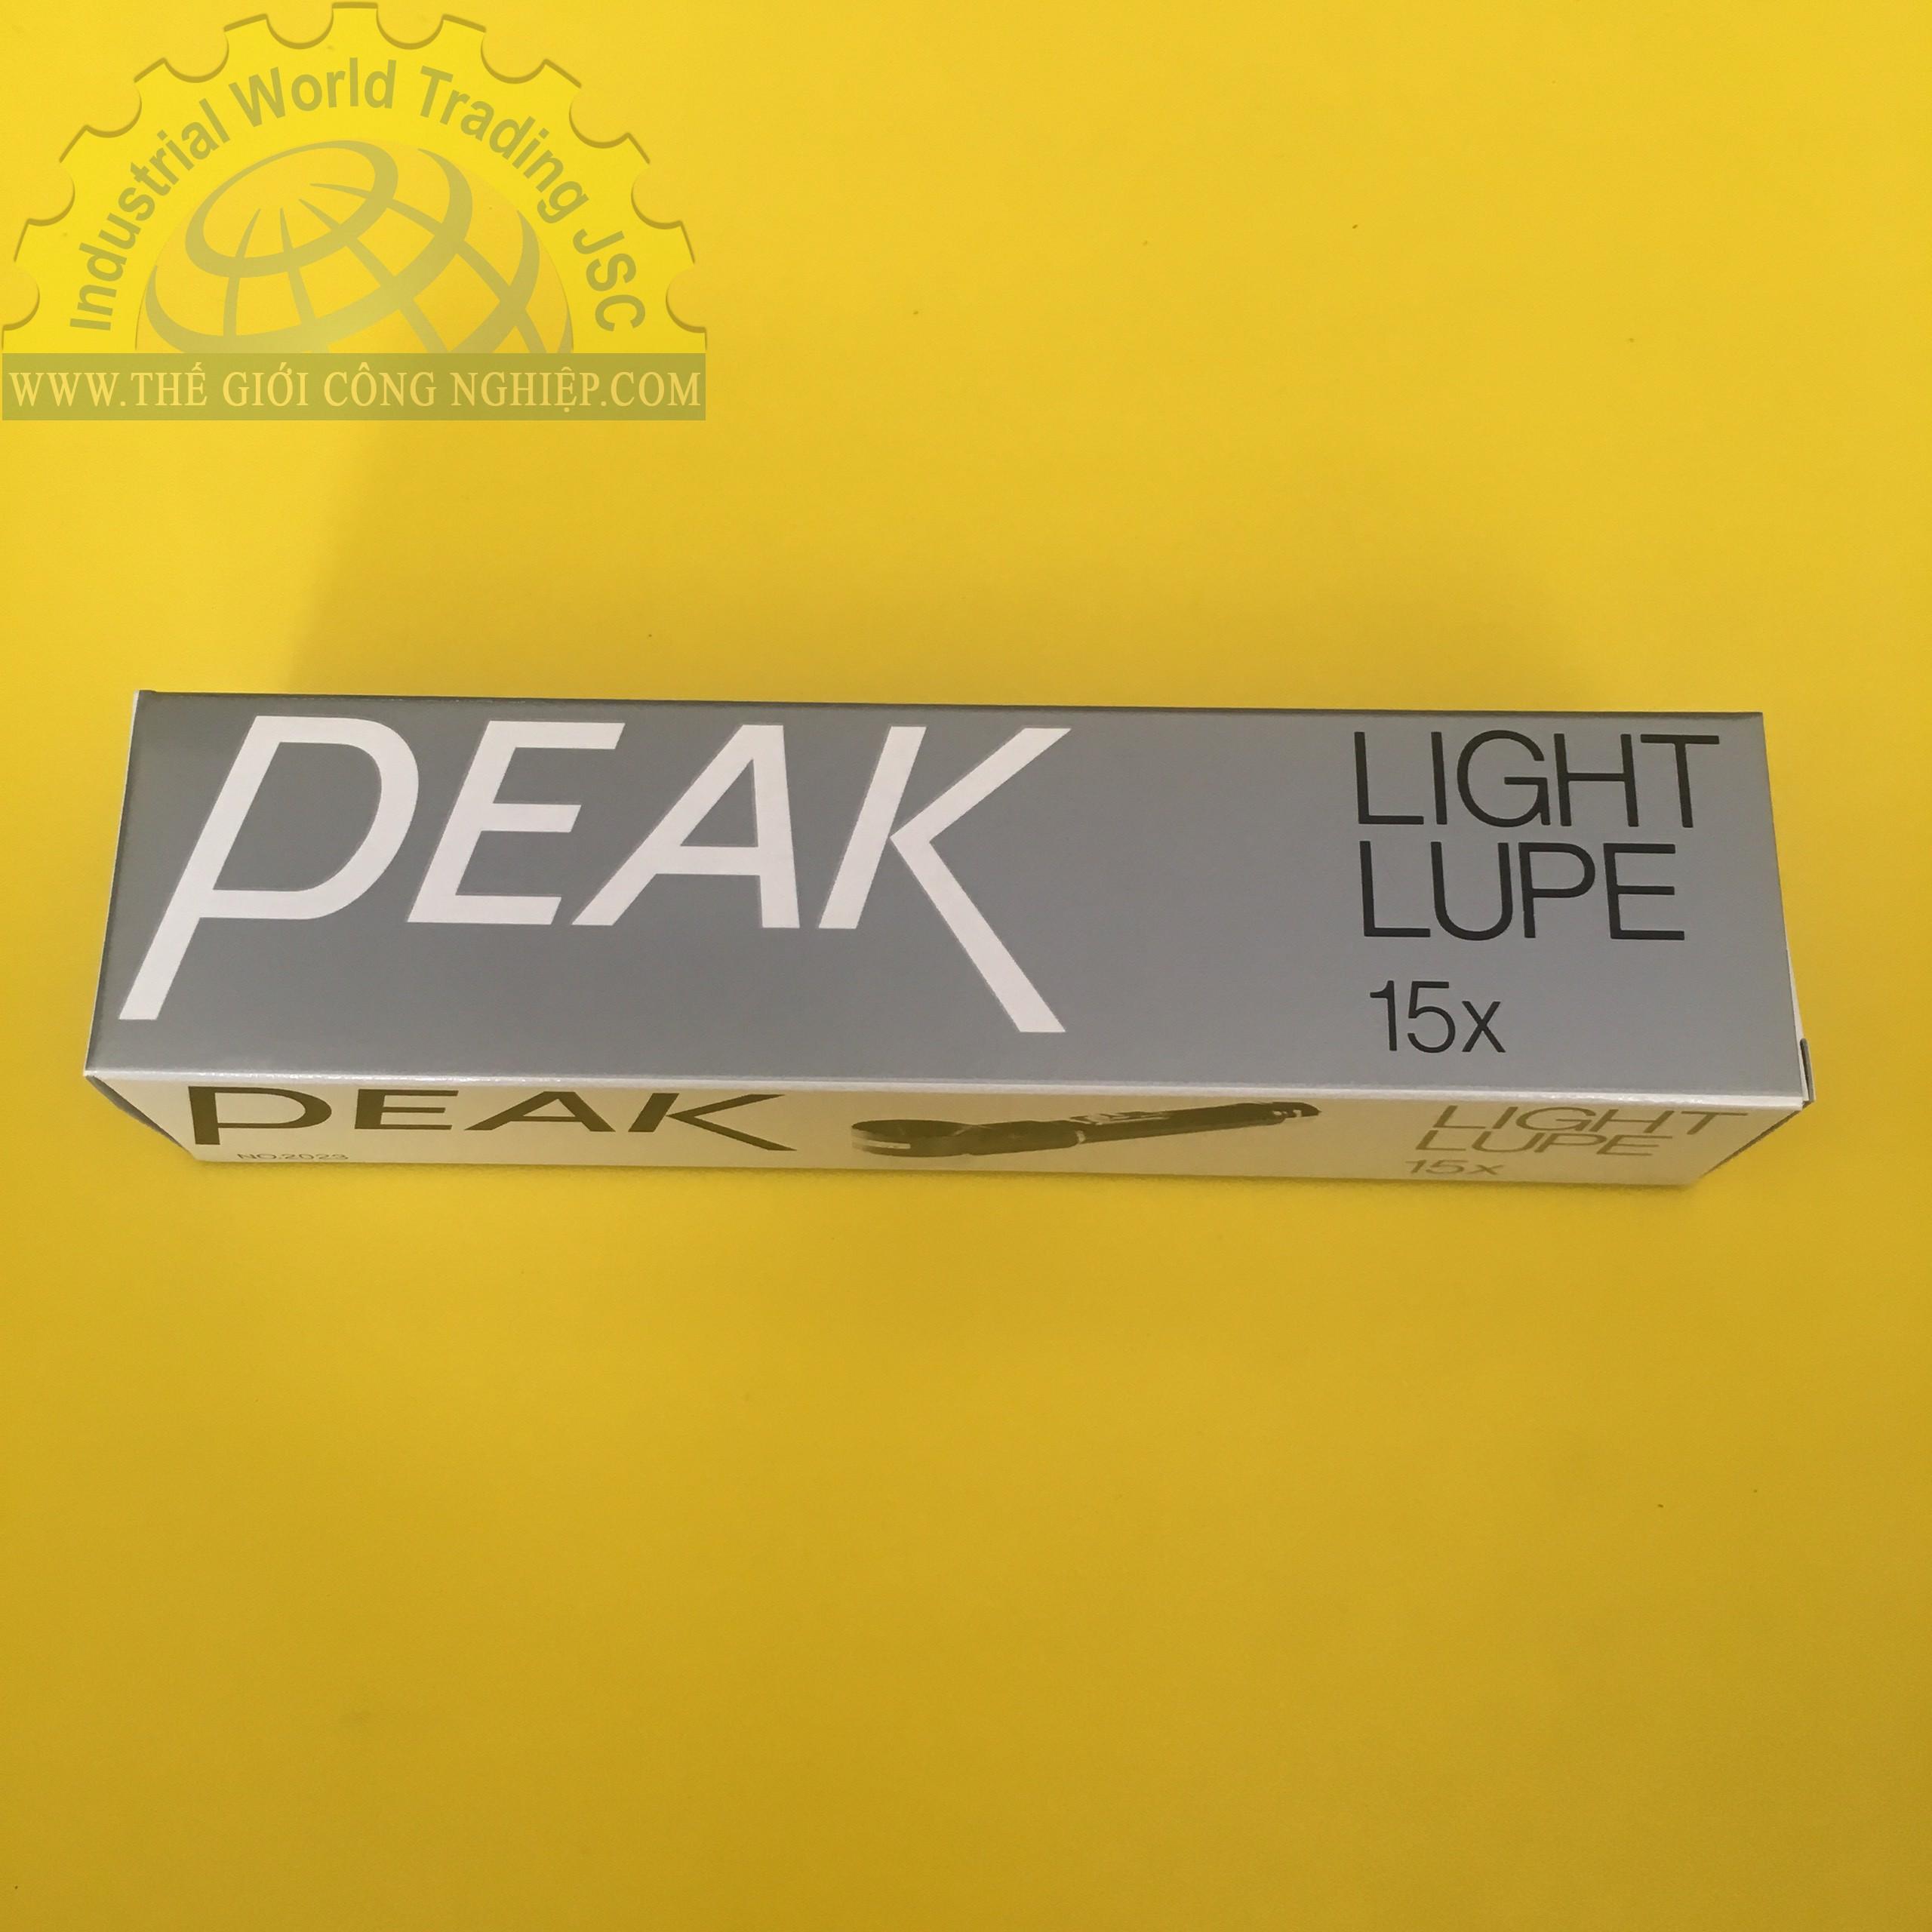 Flashlight Loupe 2023 PEAK